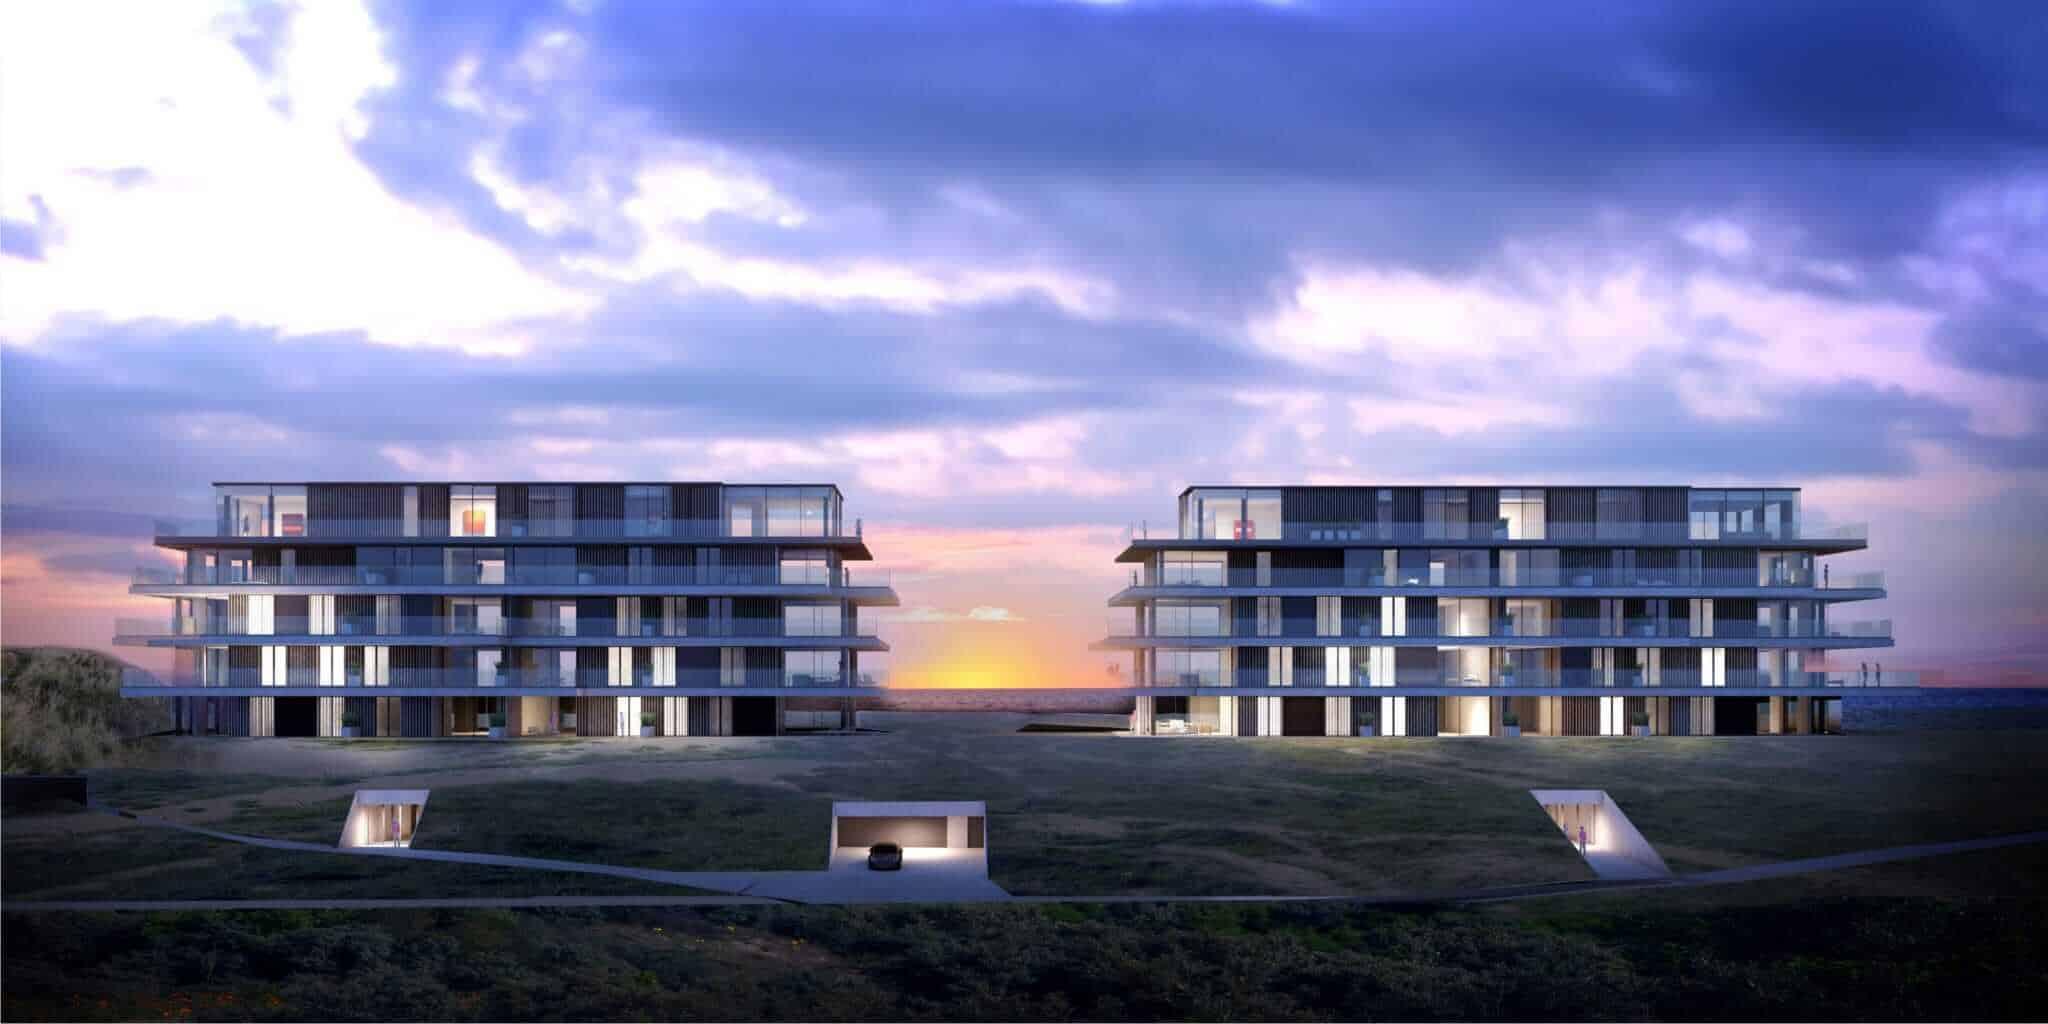 interieurarchitect Stan van den Wildenberg ontwerpt appartement in Blanke Top van Groep Versluys in Cadzand frontaal aanzicht van architect Govaert & Vanhoutte.BRON imagicasa.be jpg